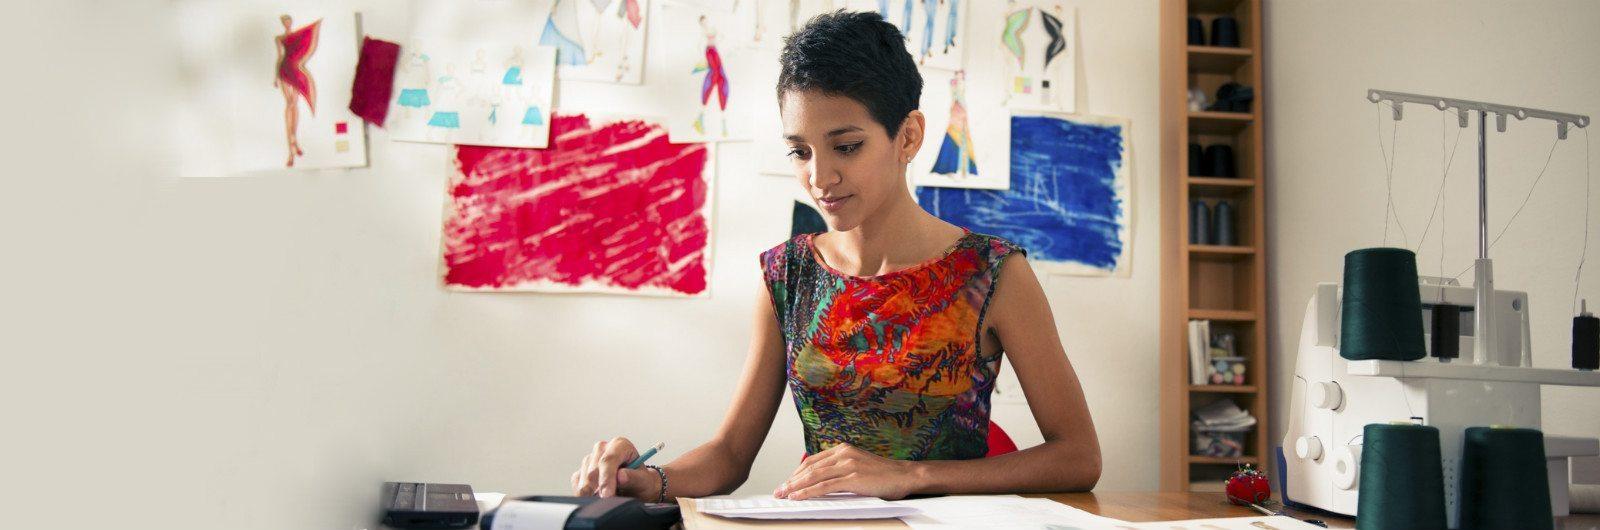 The Power of Female Entrepreneurship header